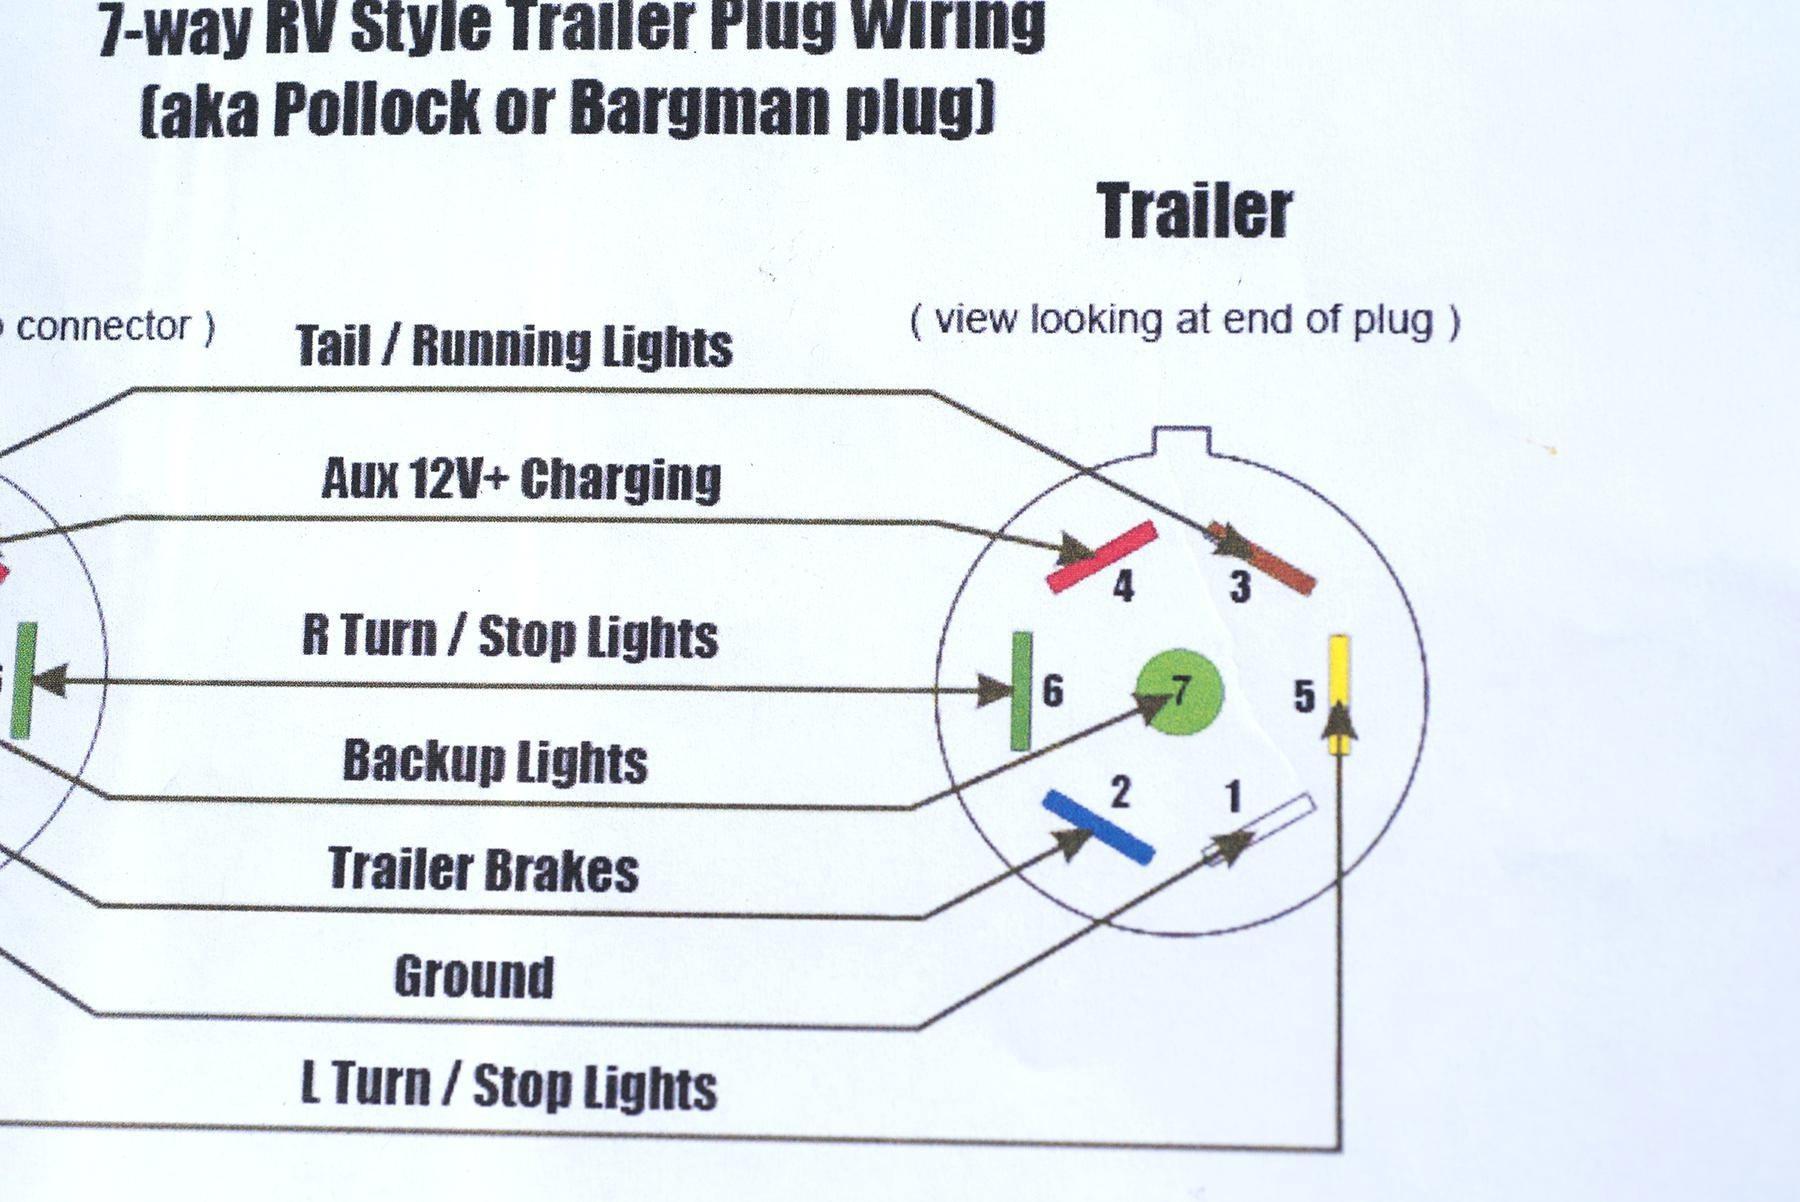 Gmc 7 Way Plug Wiring - Wiring Diagrams Hubs - 7 Way Trailer Plug Wiring Diagram Gmc